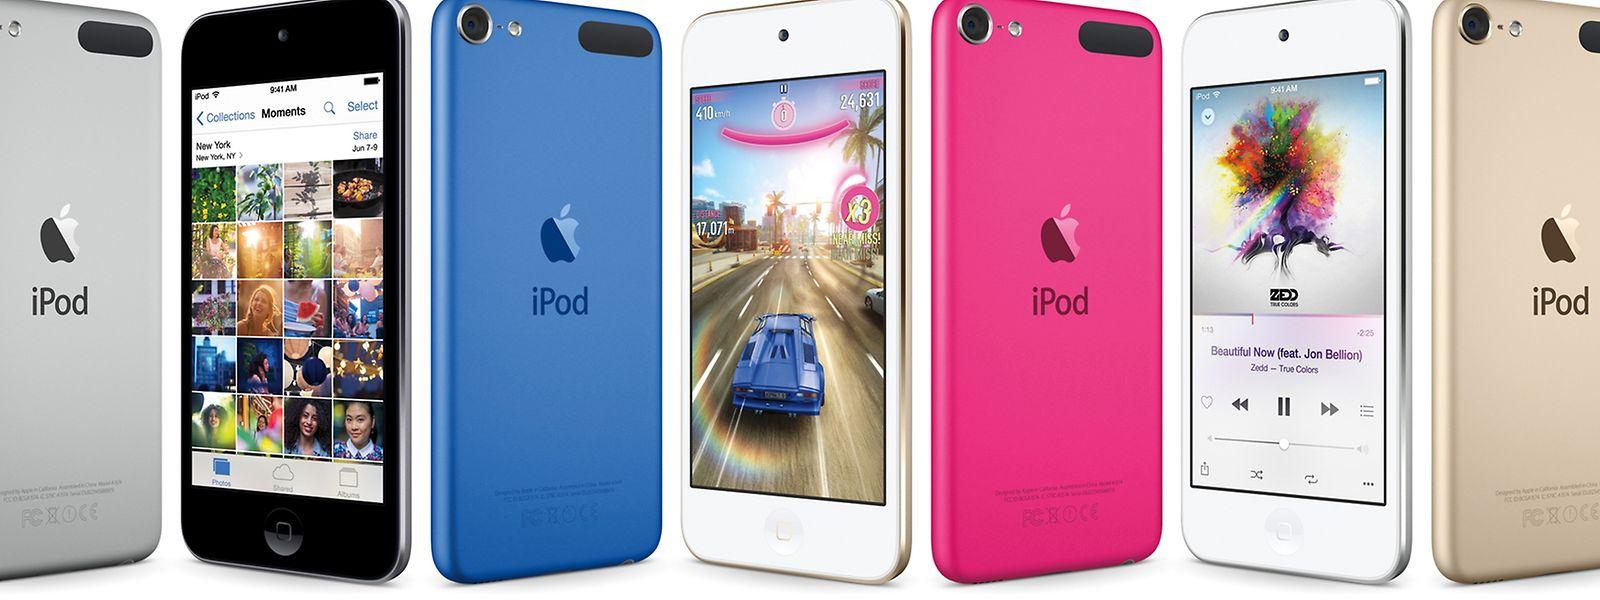 Den iPod Touch gibt es erstmals mit Acht-Megapixel-Kamera und 128 Gigabyte Speicher.